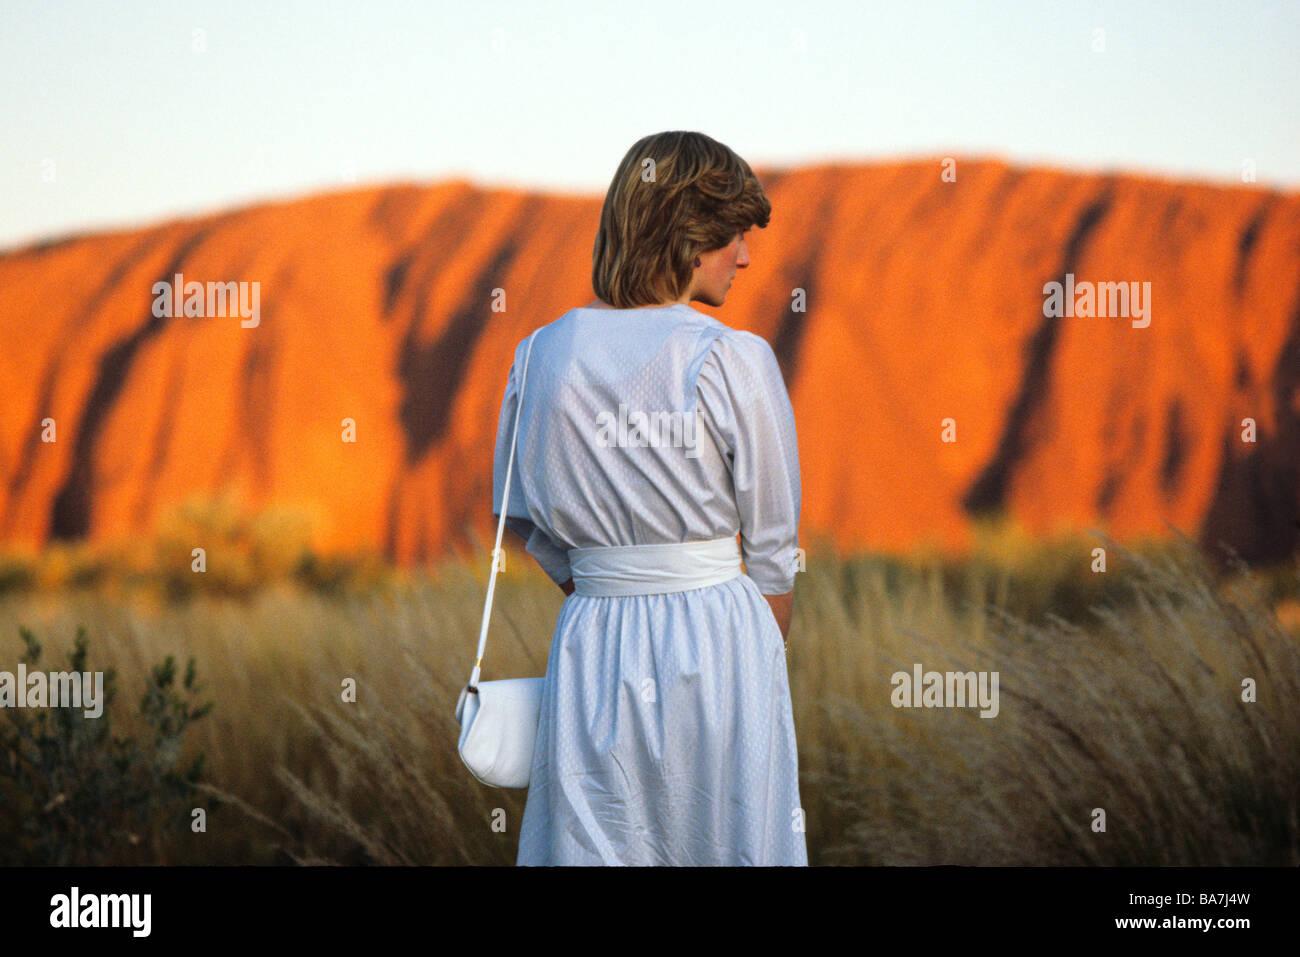 La Princesa Diana en relojes el atardecer en Uluru Ayers Rock marzo1983 Imagen De Stock